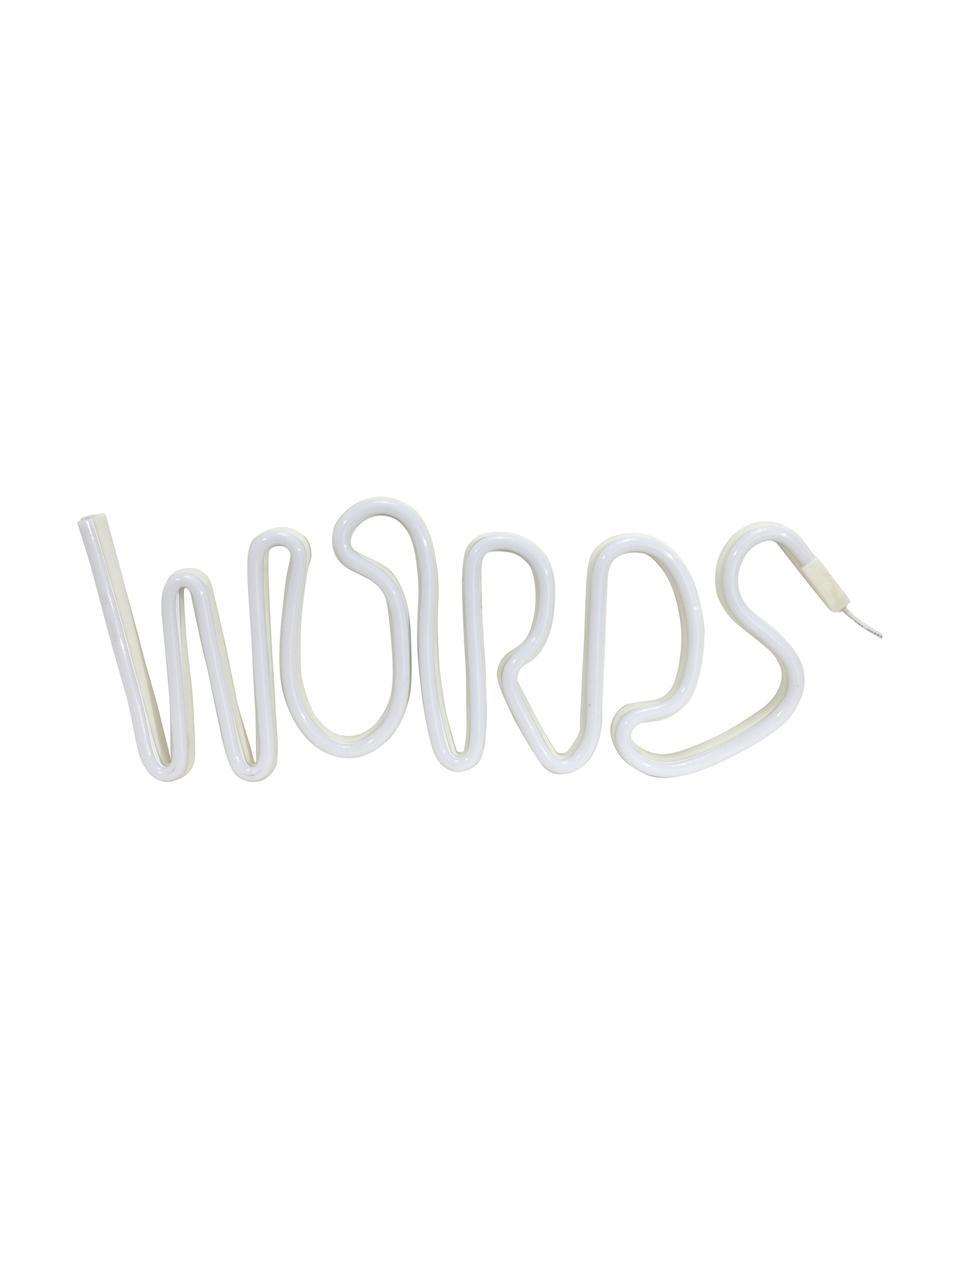 LED-Leuchtobjekt Words, Kunststoff, Weiß, 40 x 19 cm